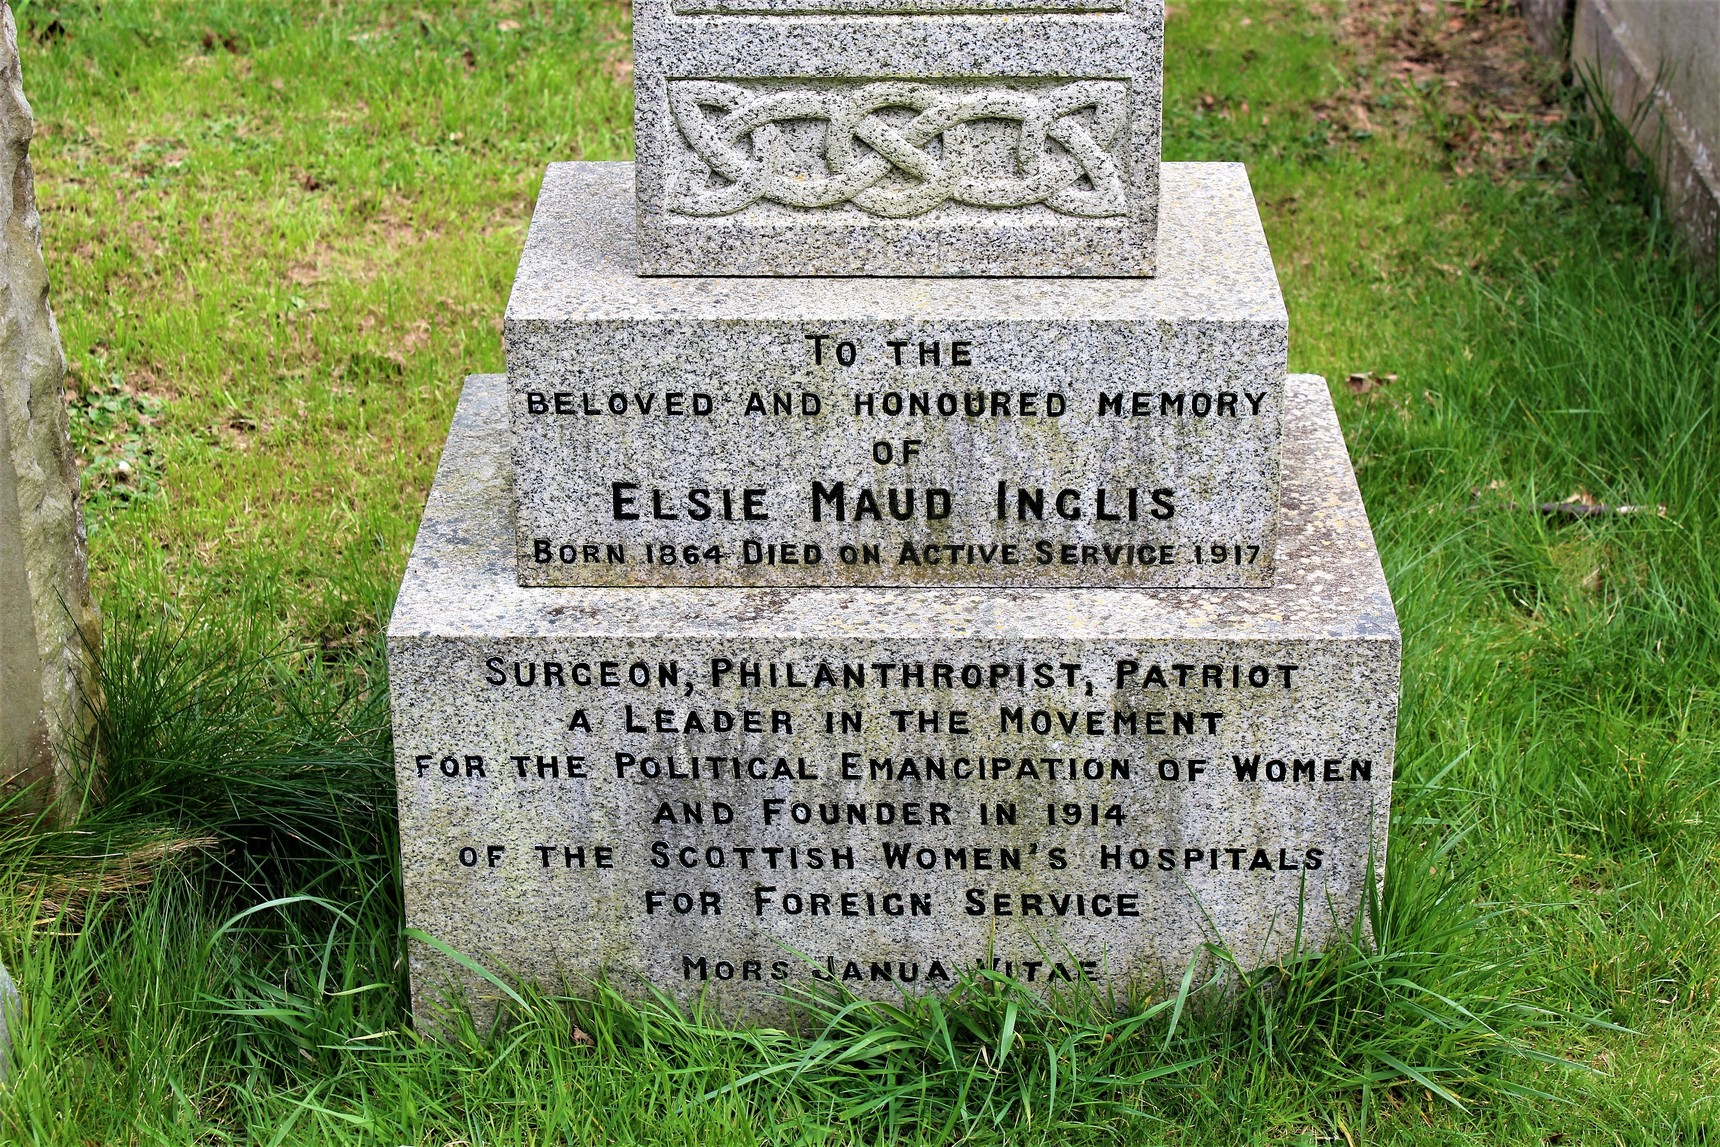 Detail on gravestone of Elsie Inglis.